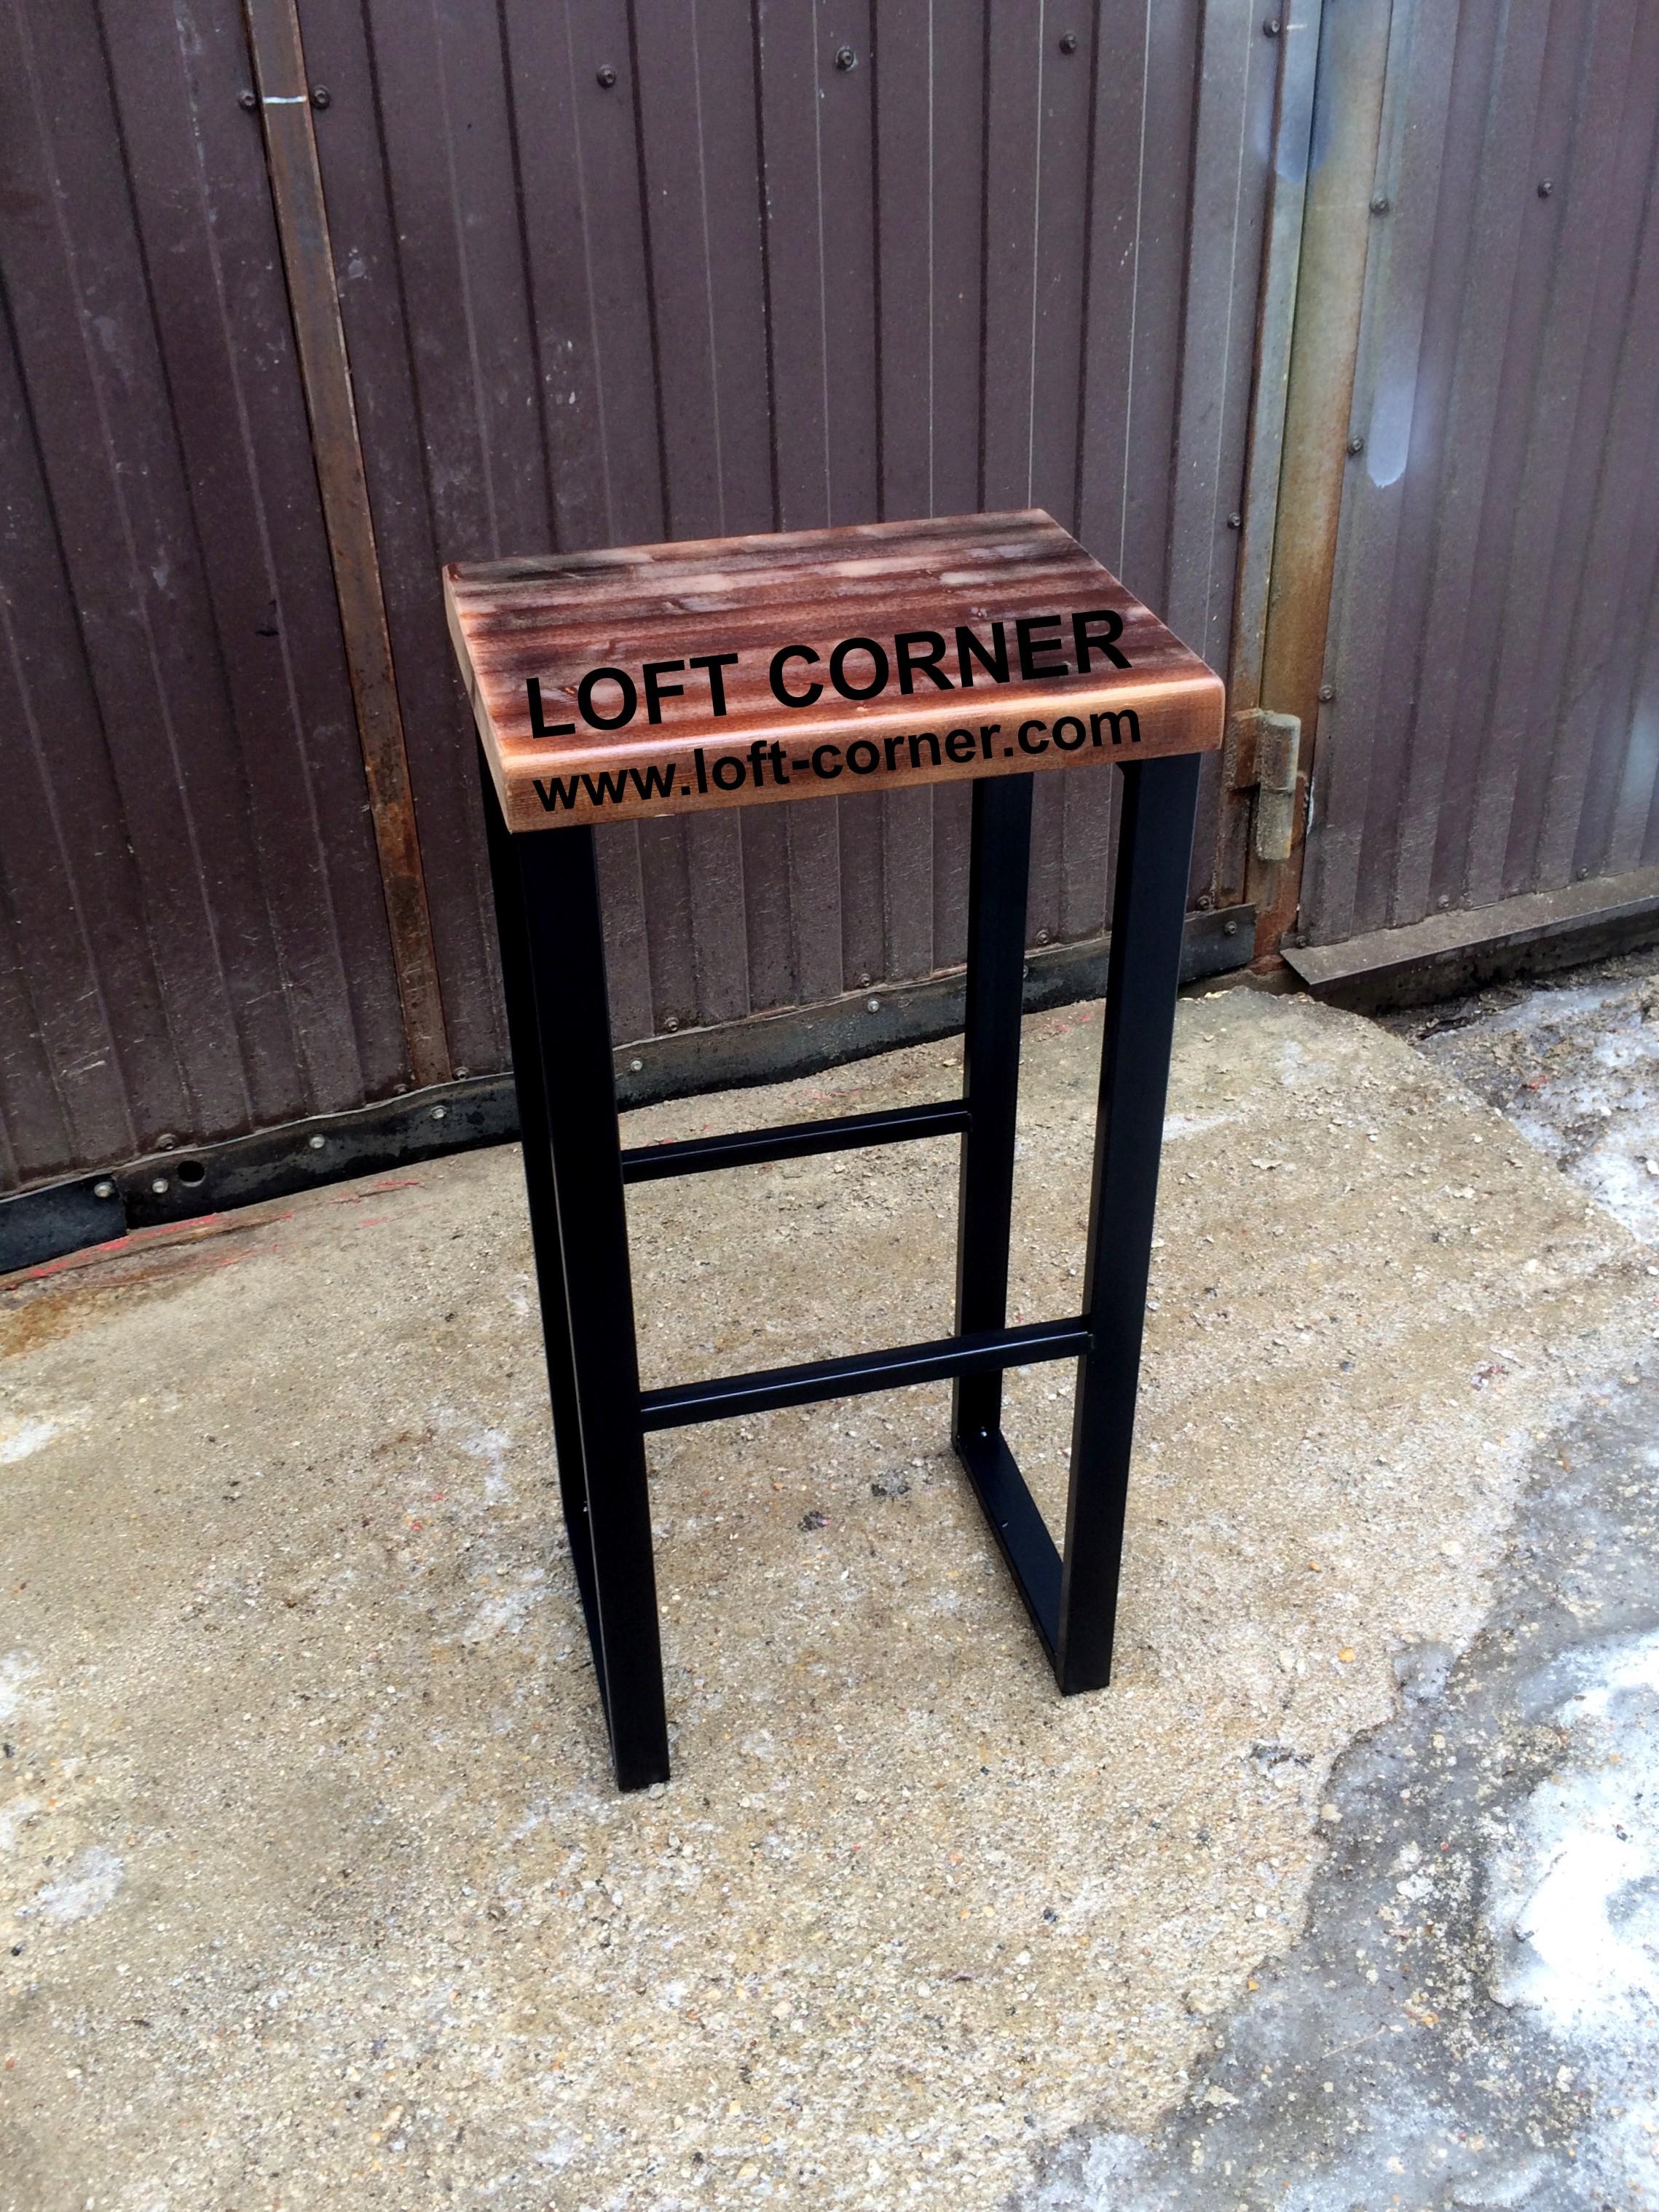 Барный табурет индастриал, ресторанная мебель лофт, стол лофт, стул лофт, табурет лофт